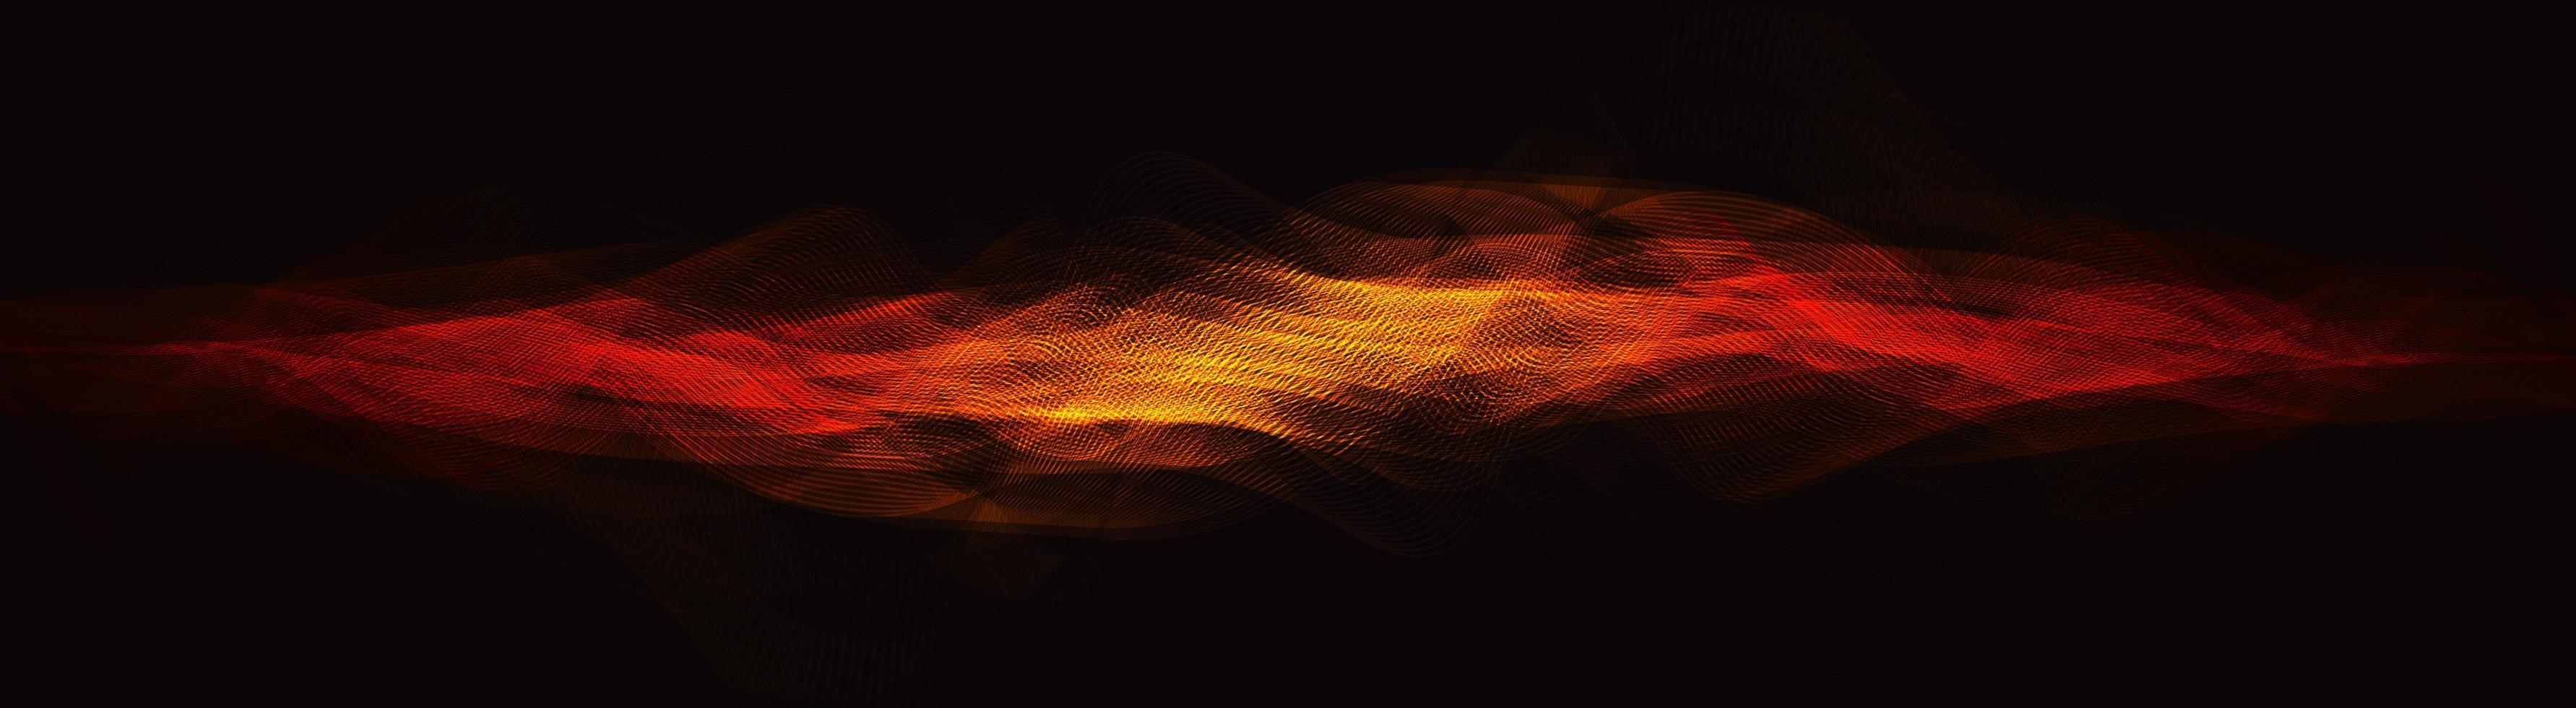 onda sonora digital de chama em fundo marrom, conceito de onda de tecnologia, design para estúdio de música e ciência, ilustração vetorial. vetor